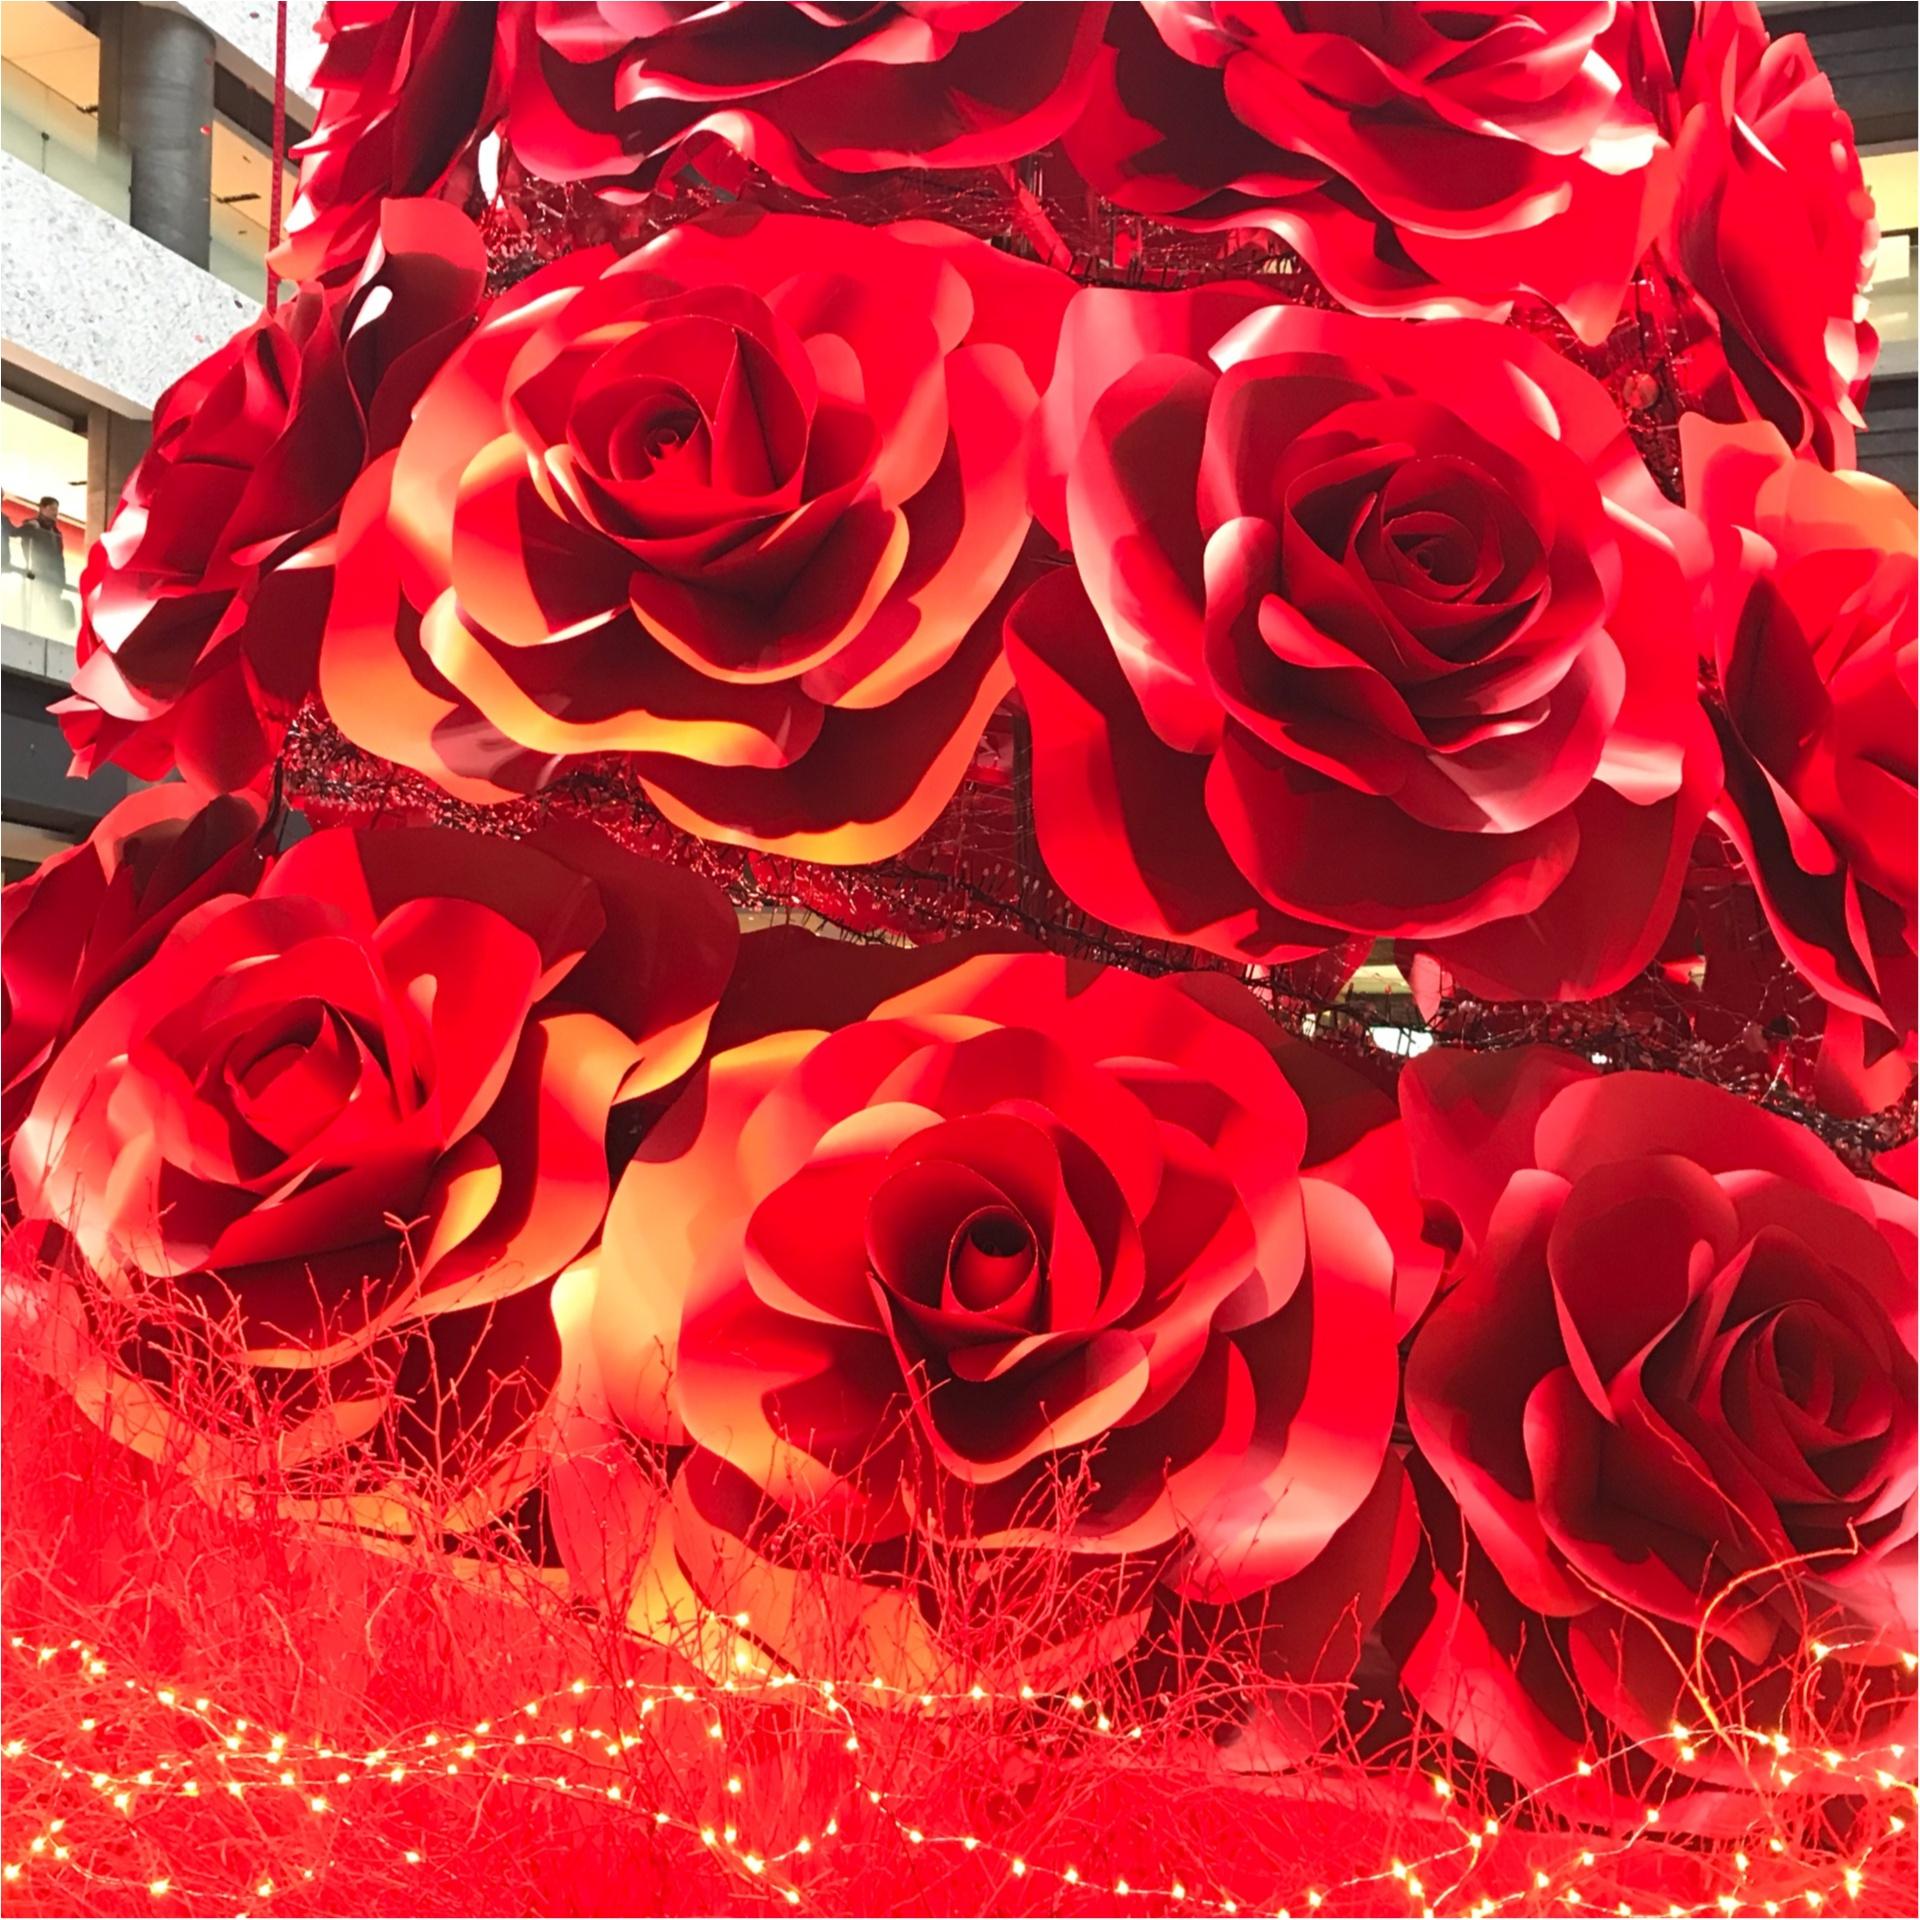 ★これこそLADY♡なクリスマスツリー!梅田に真っ赤なツリーが登場です★_3